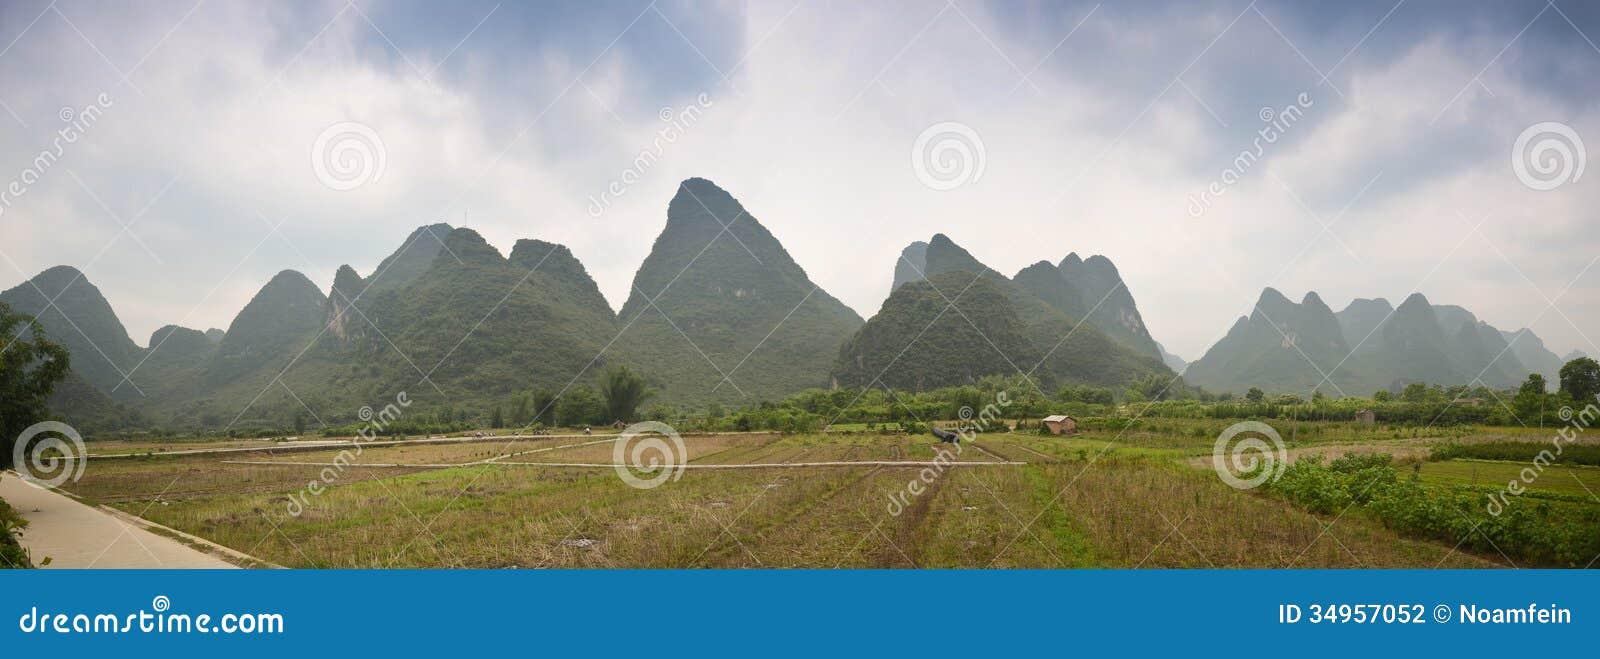 Paysage panoramique de Yangshuo